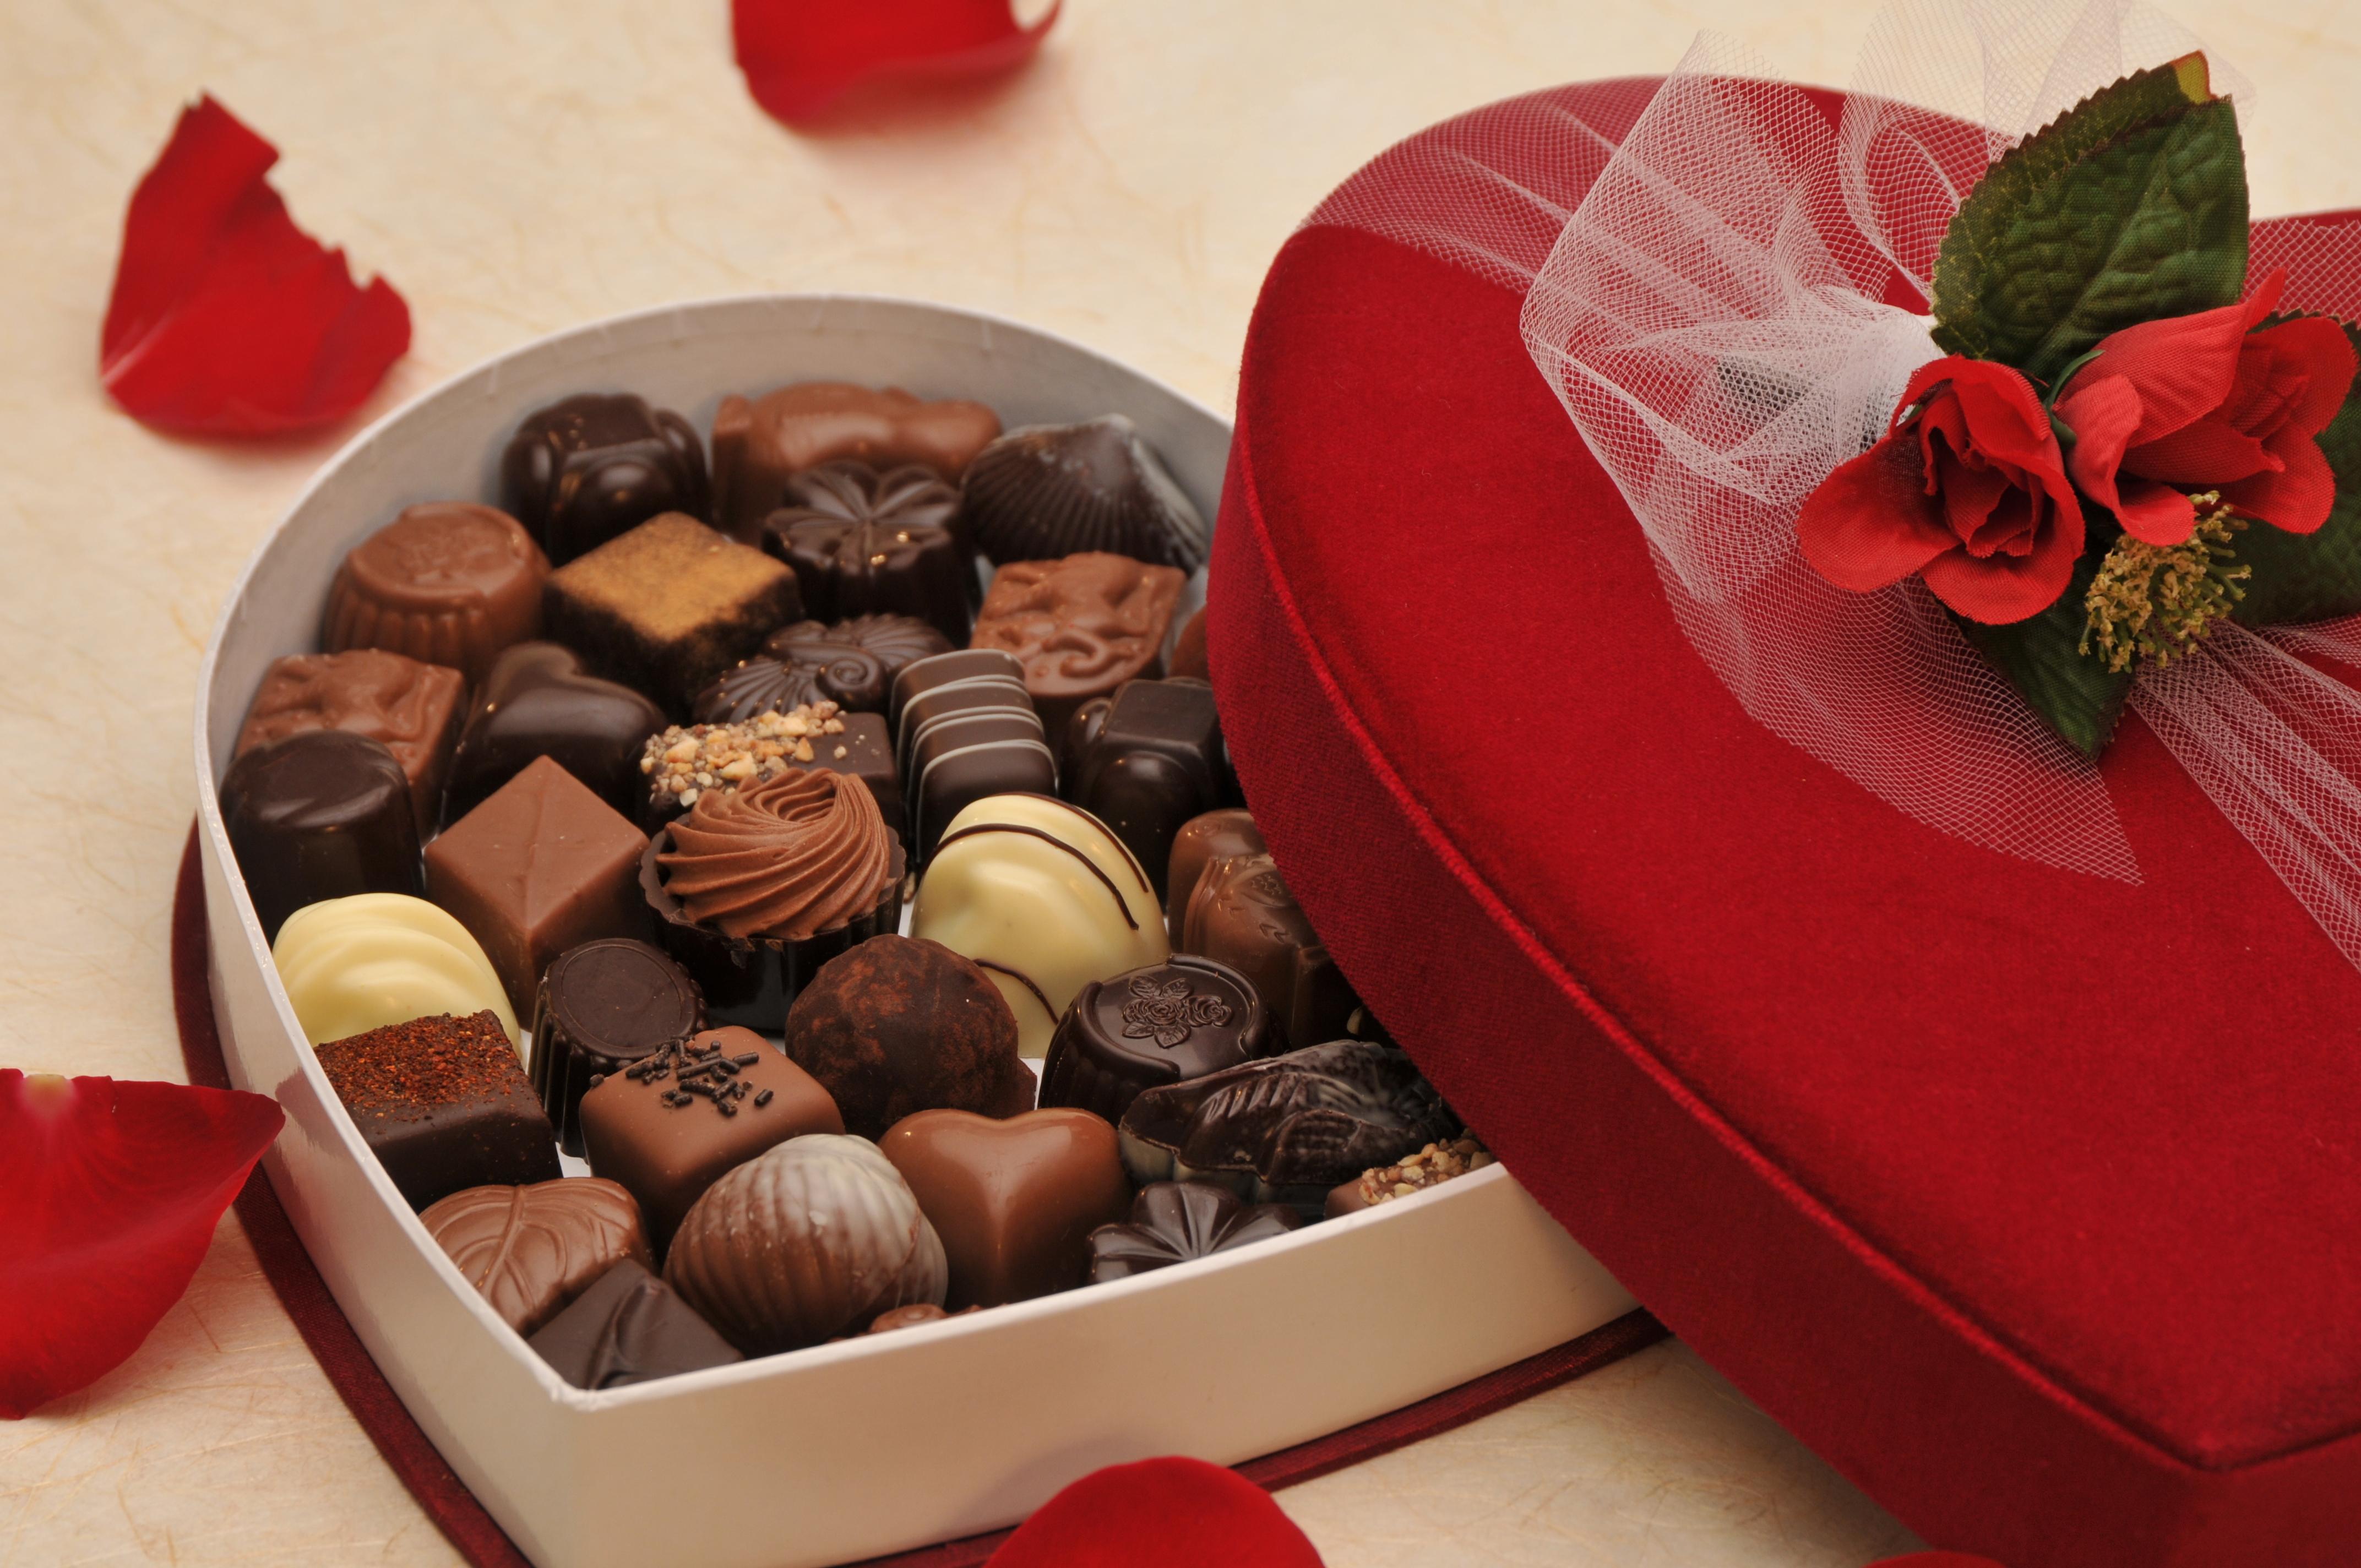 Velvet Valentine Heart Gift Box - Large 611